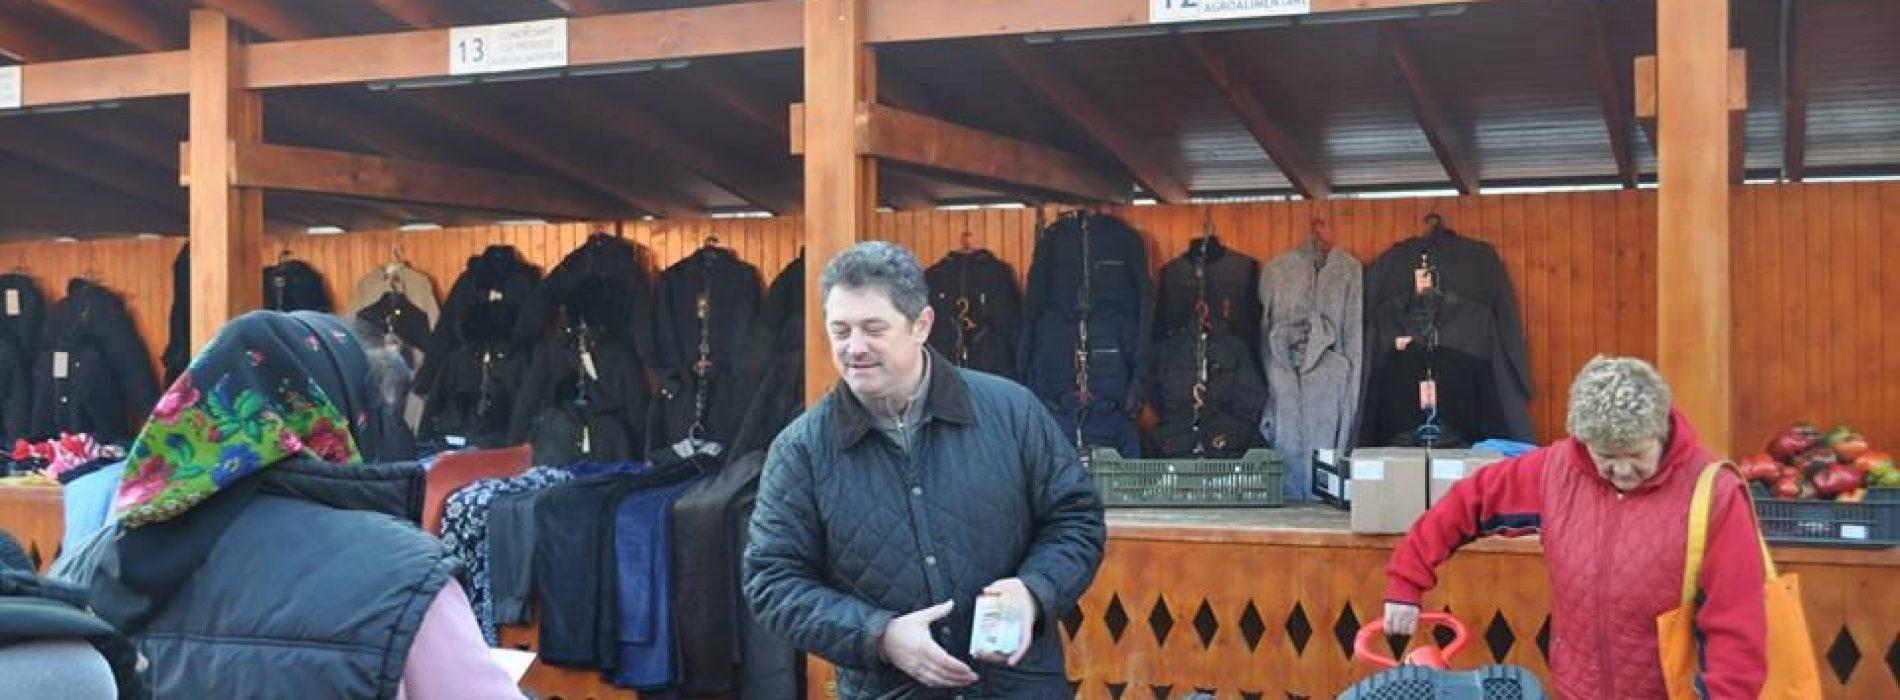 Marius Sorin Bota: PSD va pune în aplicare din prima lună măsurile care vor aduce creşterea economică în buzunarele maramureșenilor